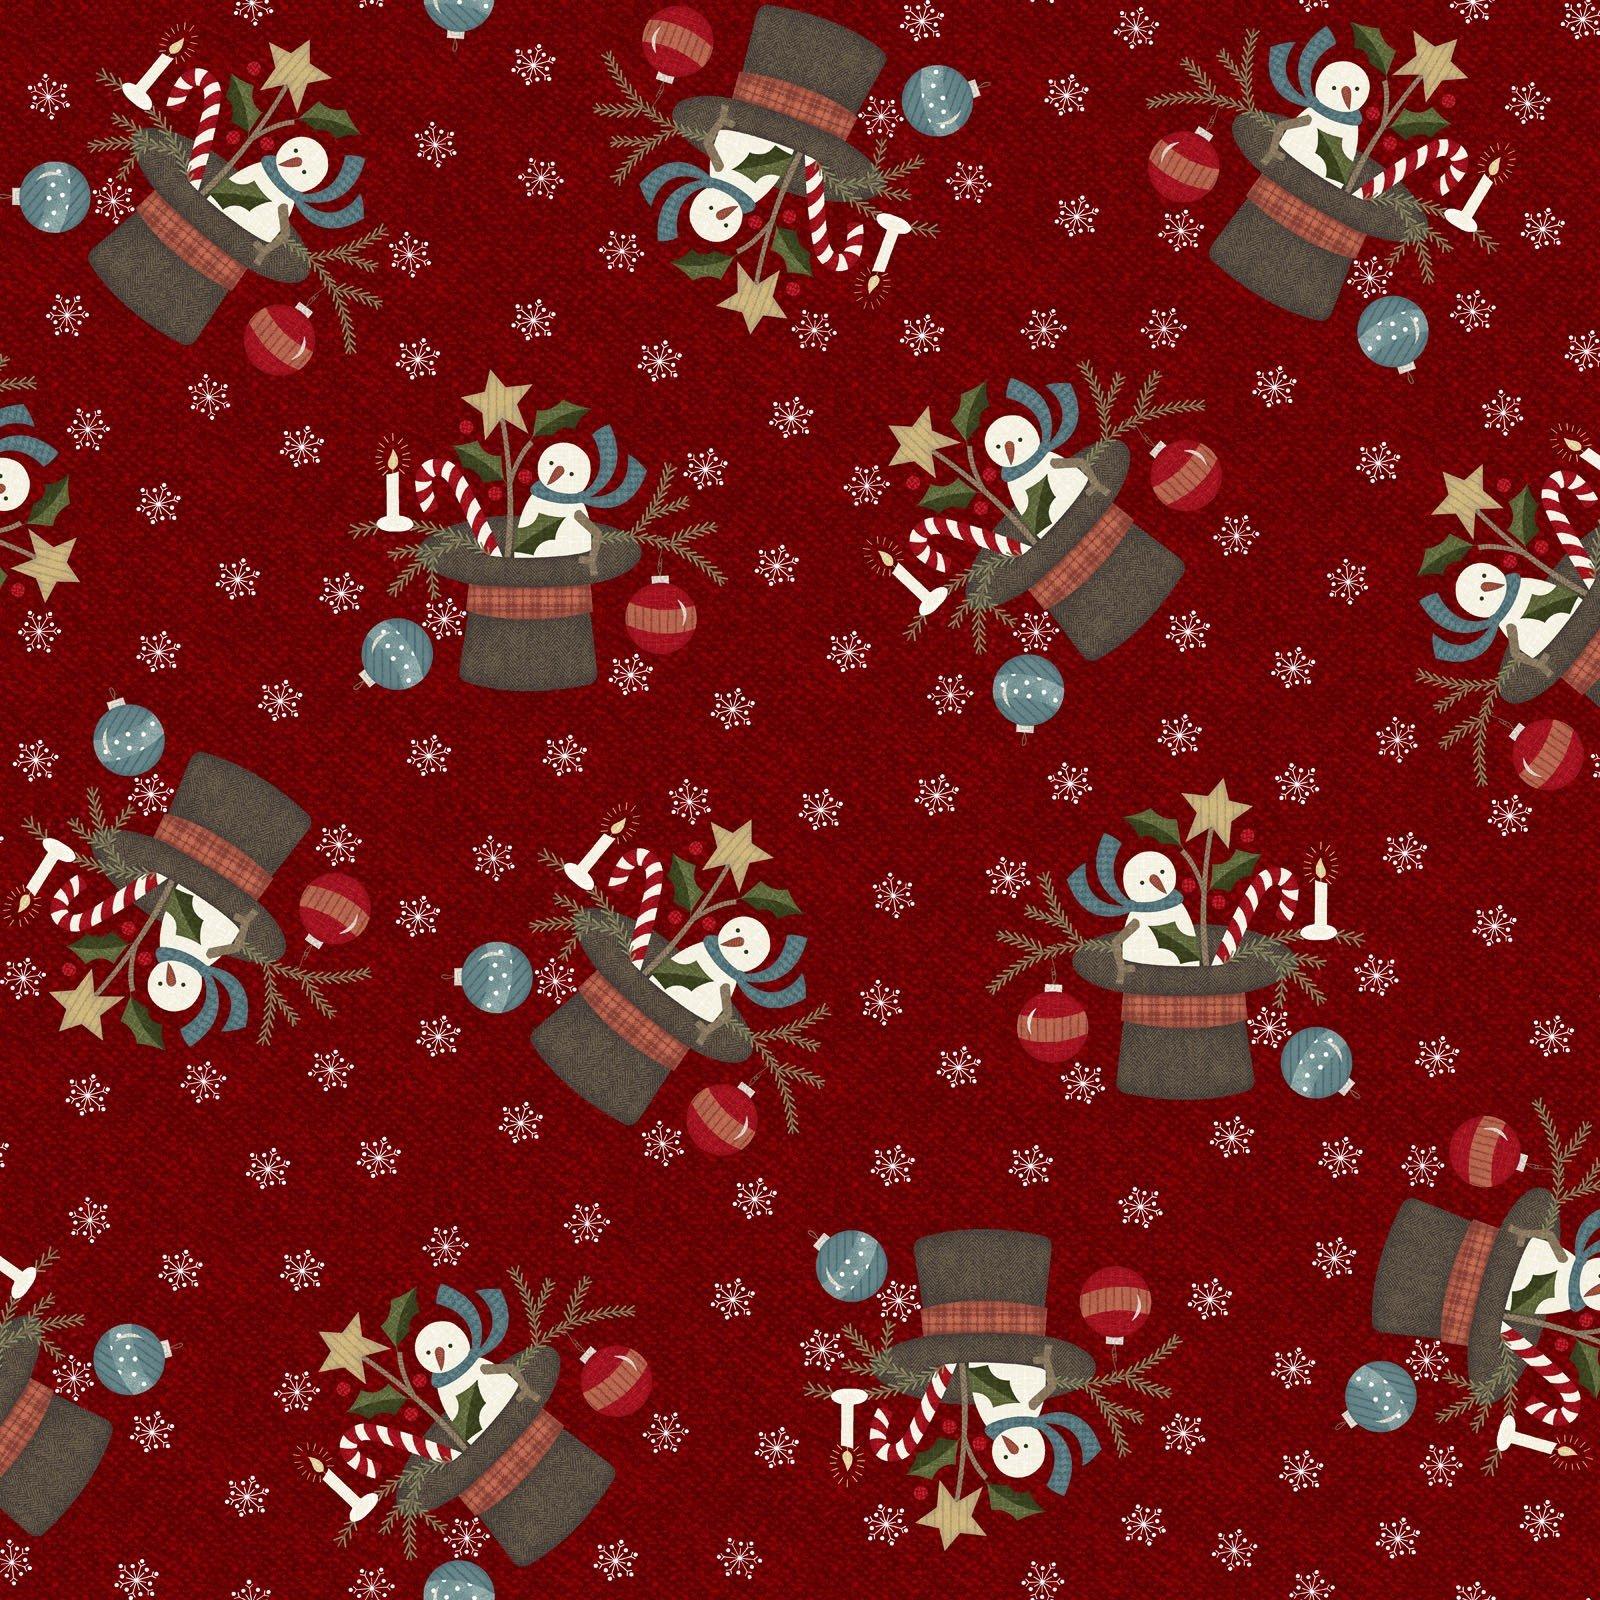 Snowdays Flannel - Santa Hat 9933 R Red